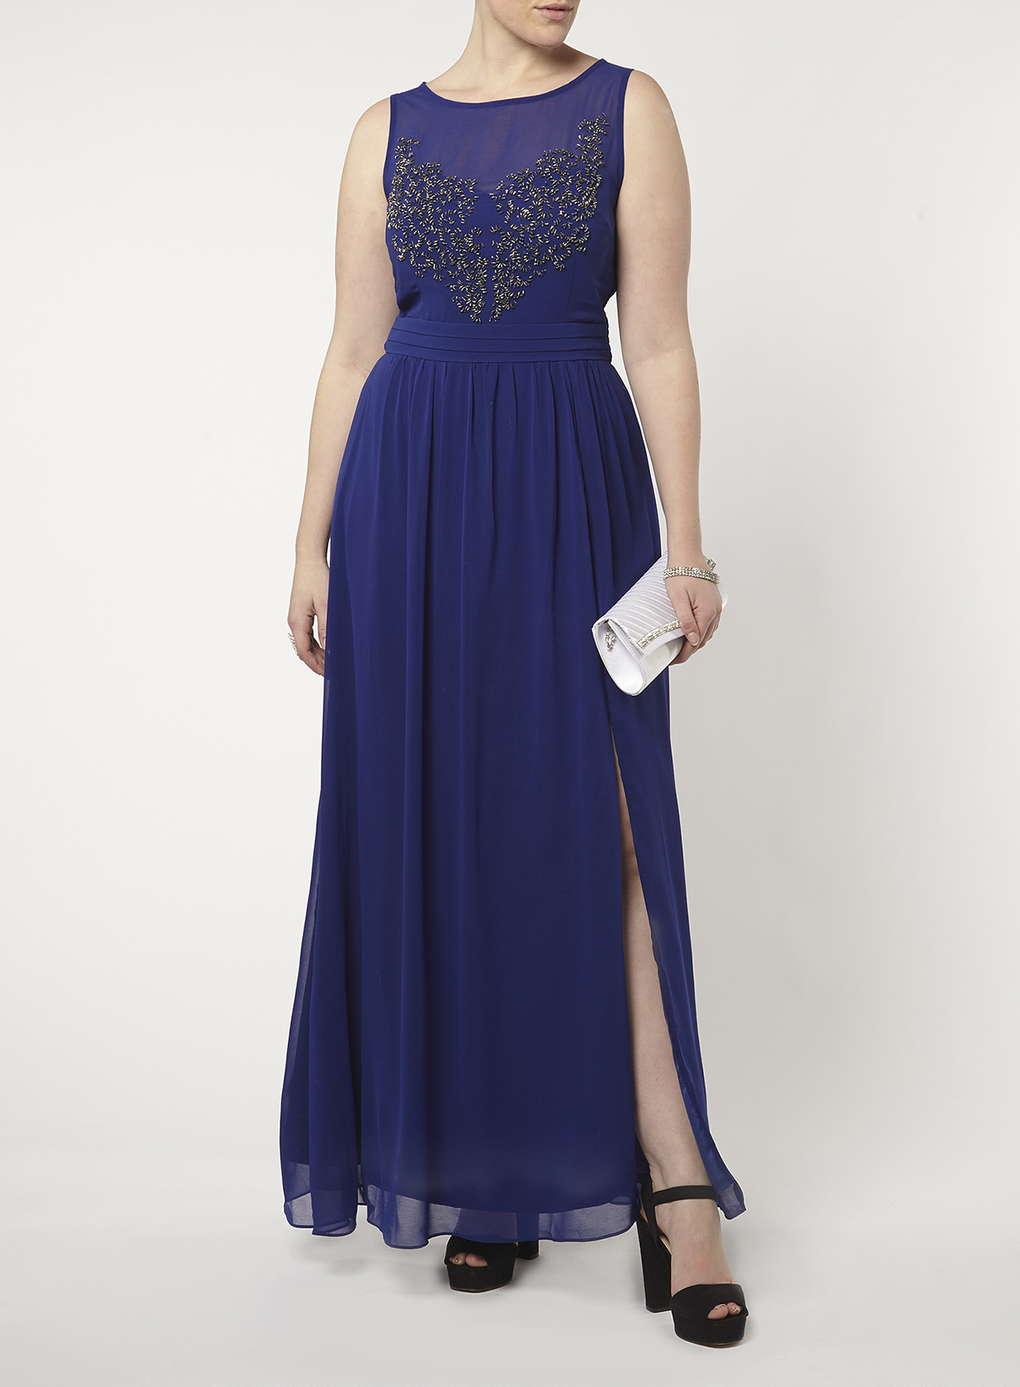 Büyük Beden Uzun Abiye Elbise Modelleri - Gece Elbiseleri - plus size dresses (21)